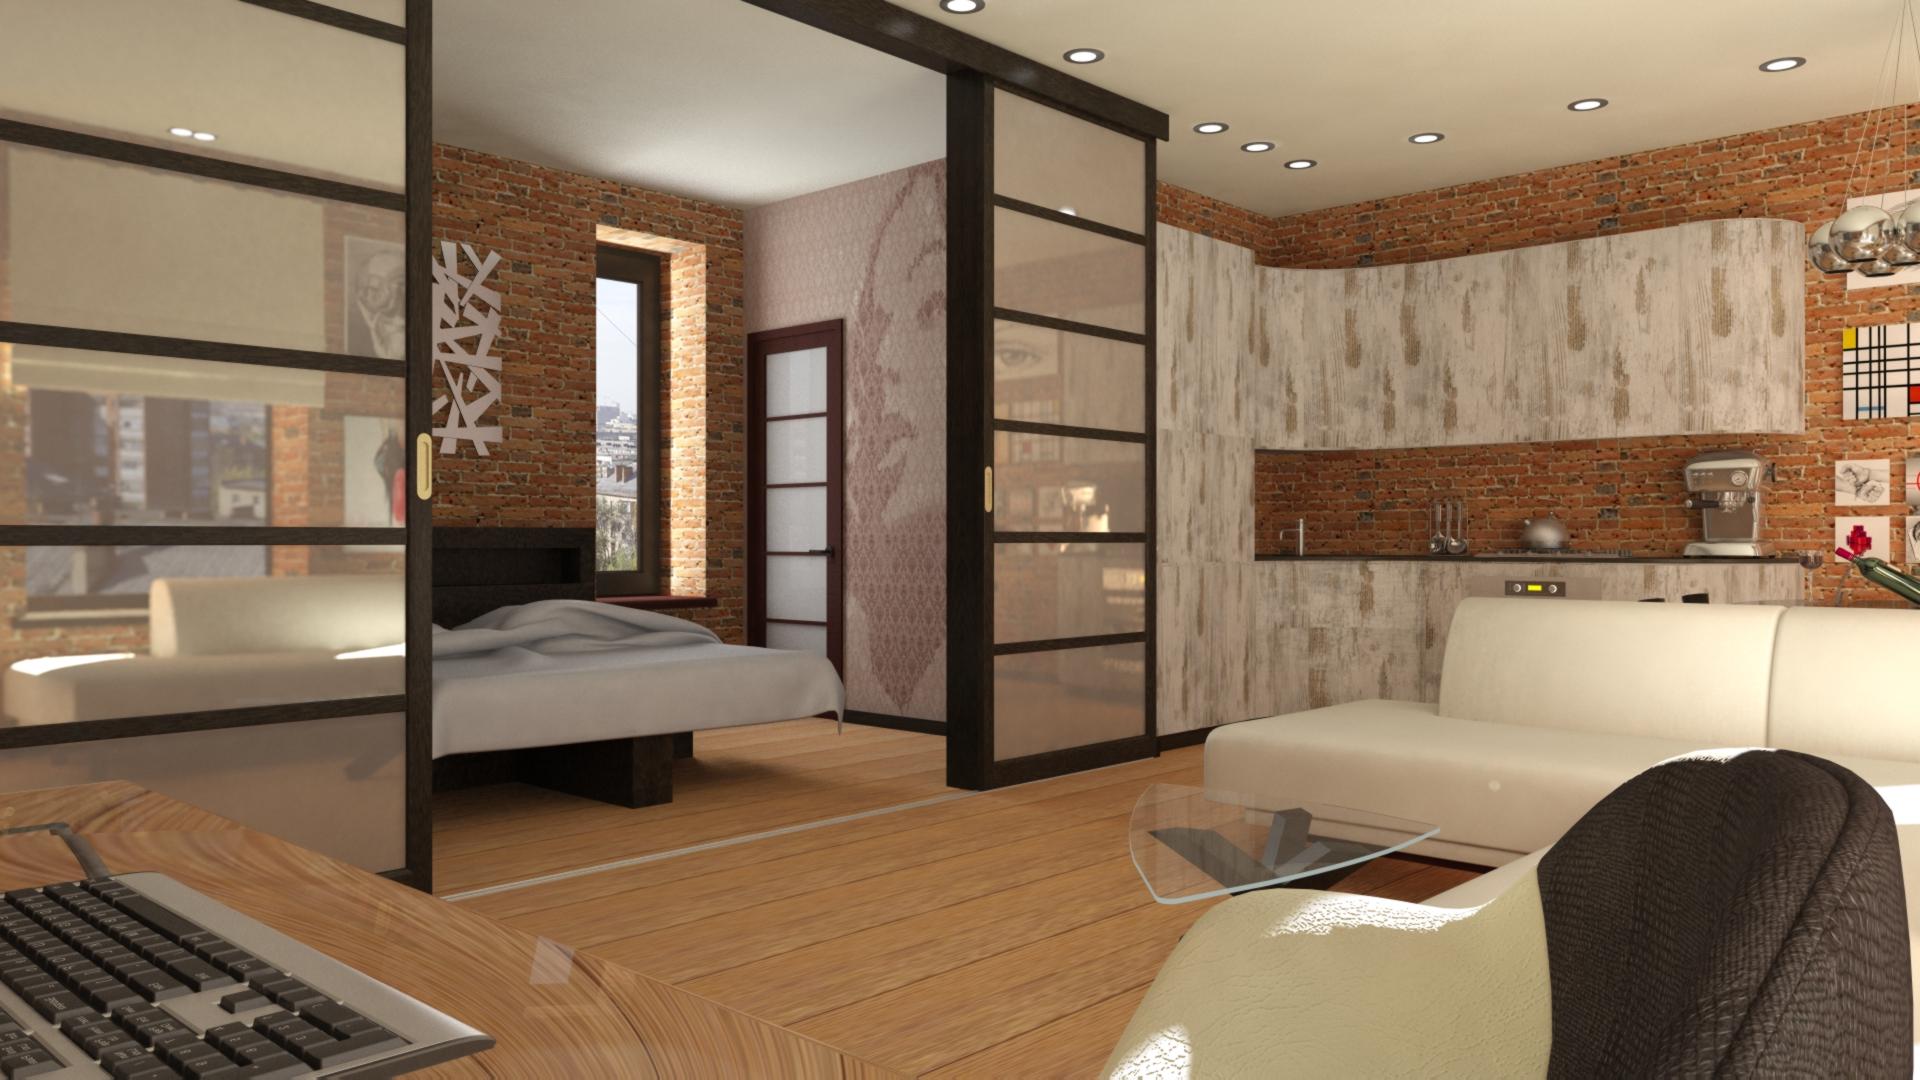 Дизайн интерьера 2 х комнатной квартиры 50 кв.м